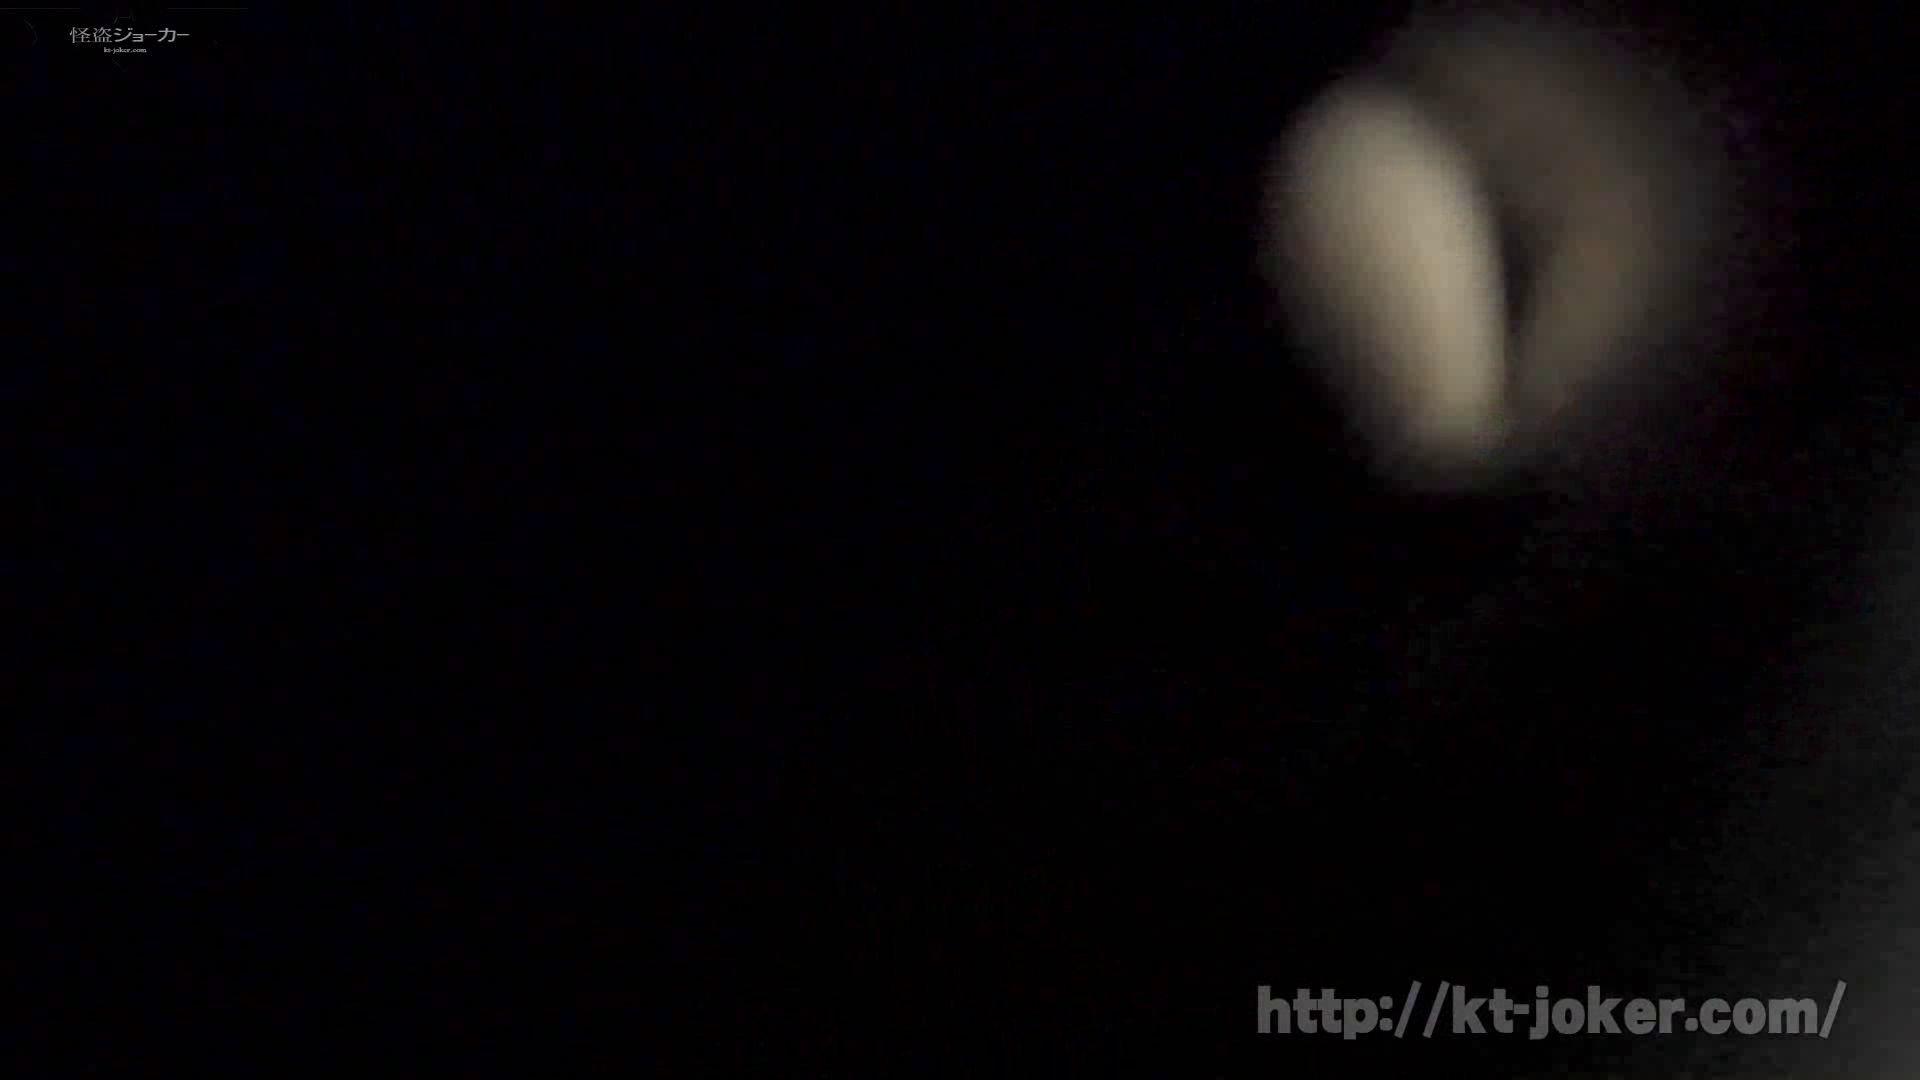 命がけ潜伏洗面所! vol.58 さらなる無謀な挑戦、新アングル、壁に穴を開ける 洗面所 | OLの実態  38pic 25